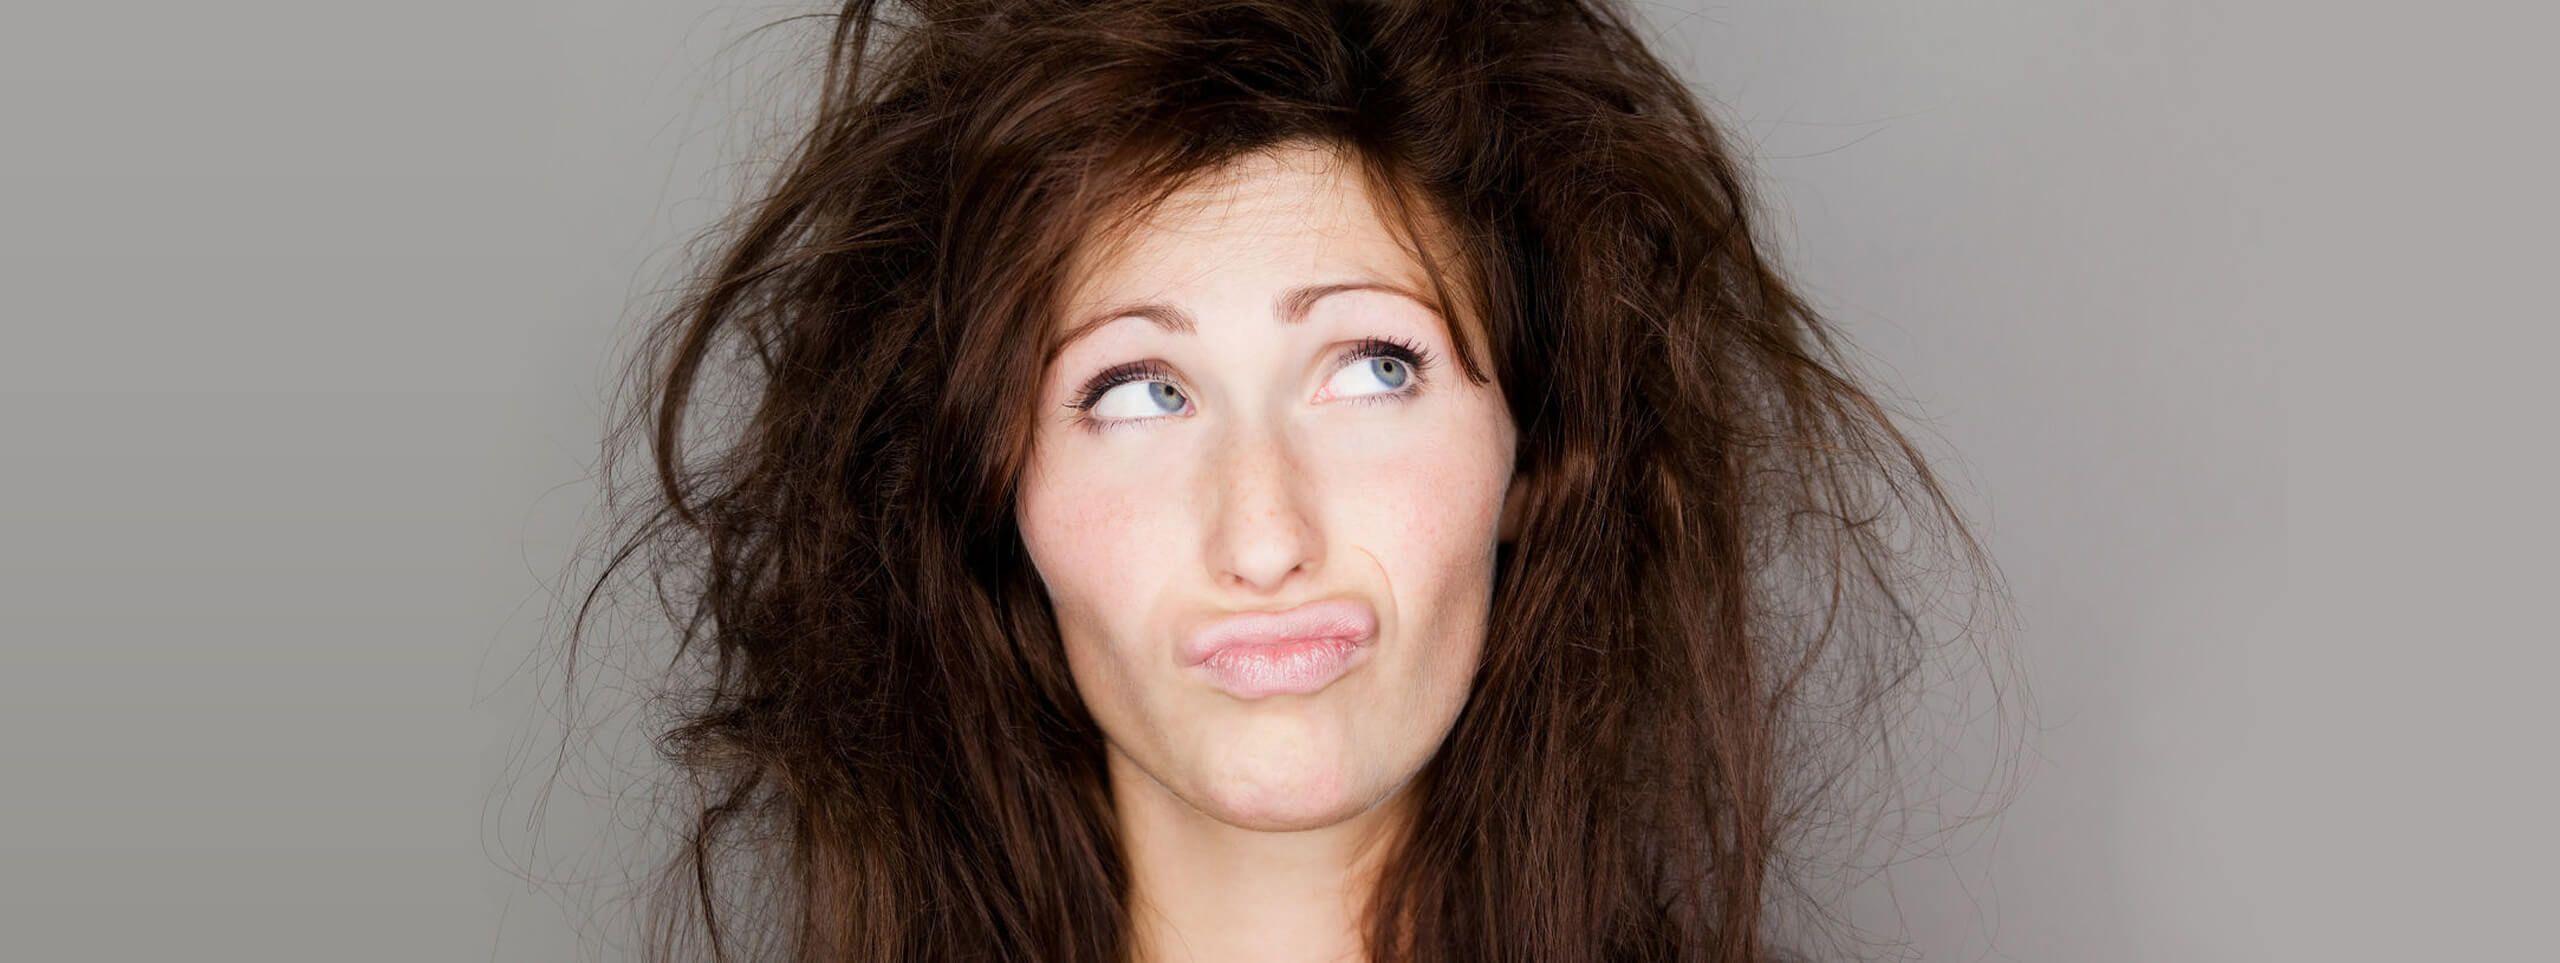 Niezadowolona kobieta z suchymi potarganymi włosami